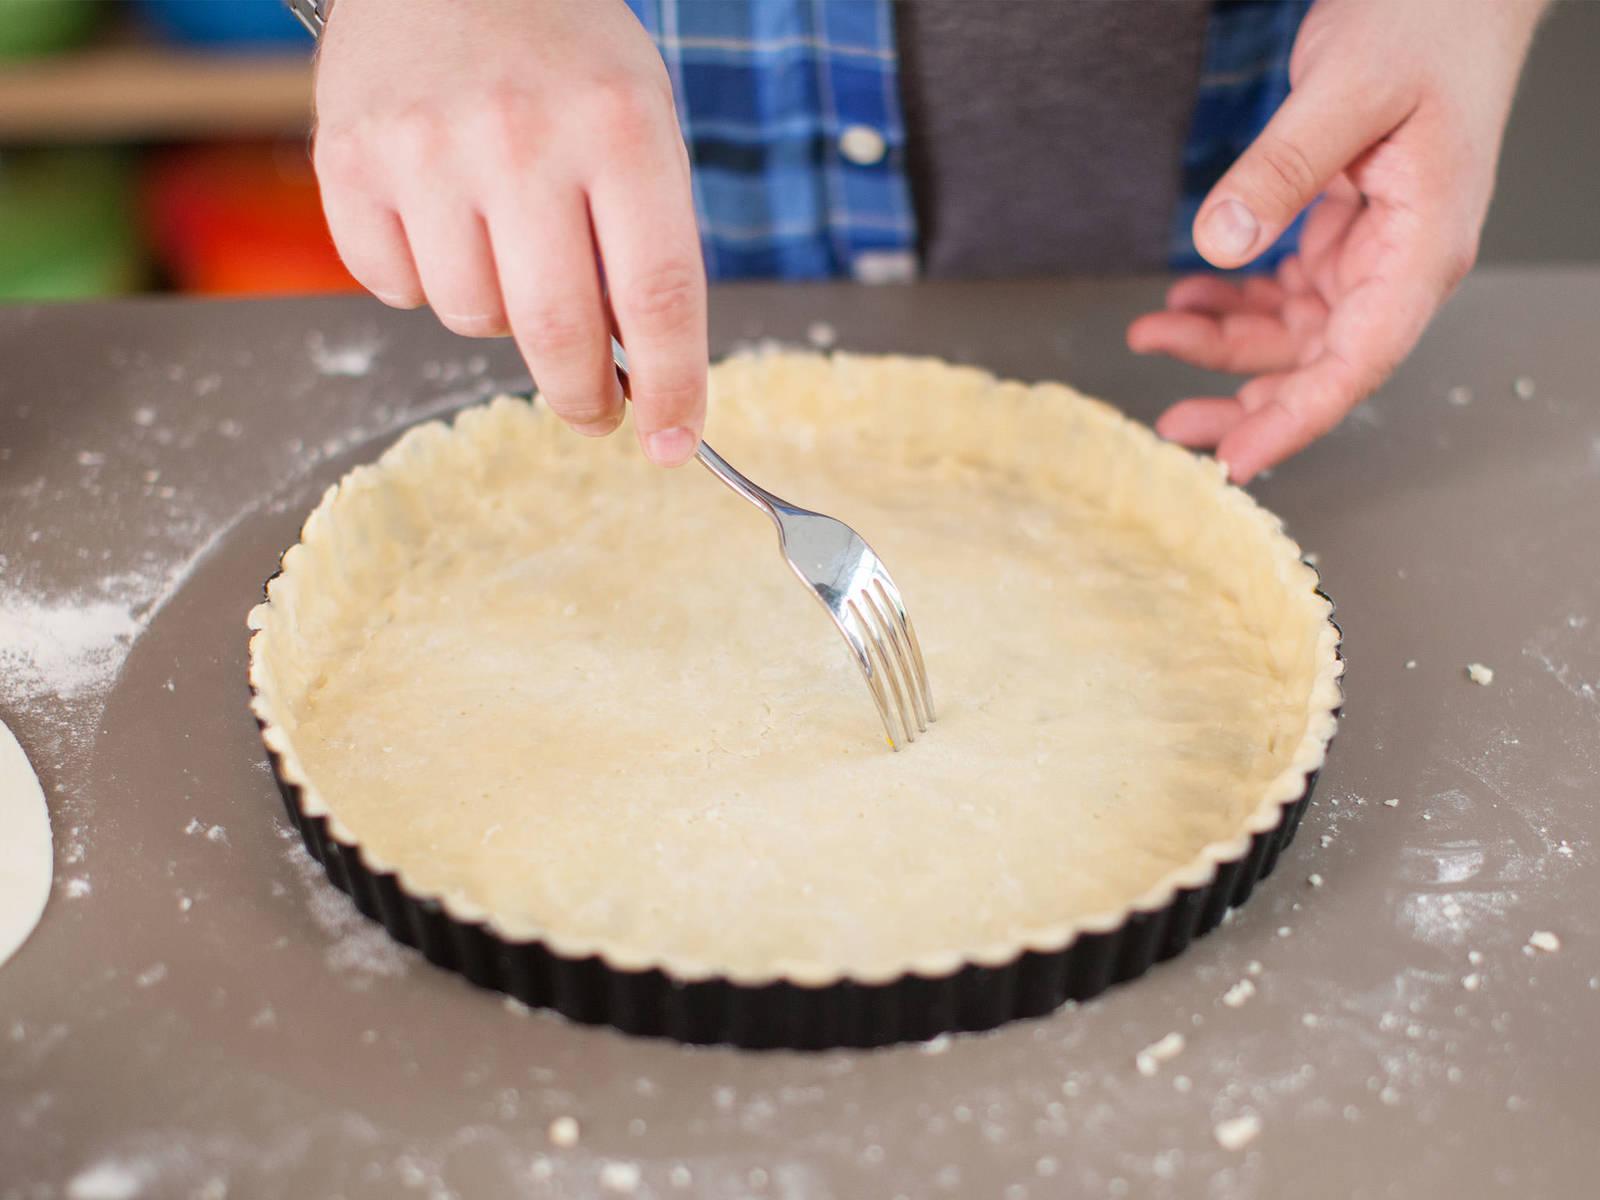 在台面撒少许面粉。从冰箱取出面团,并擀成薄片。在馅饼盘上刷油,然后放入面团。必要时可剪掉边缘。放入一个底部有孔的派盘,放回冰箱,静置 10 分钟。